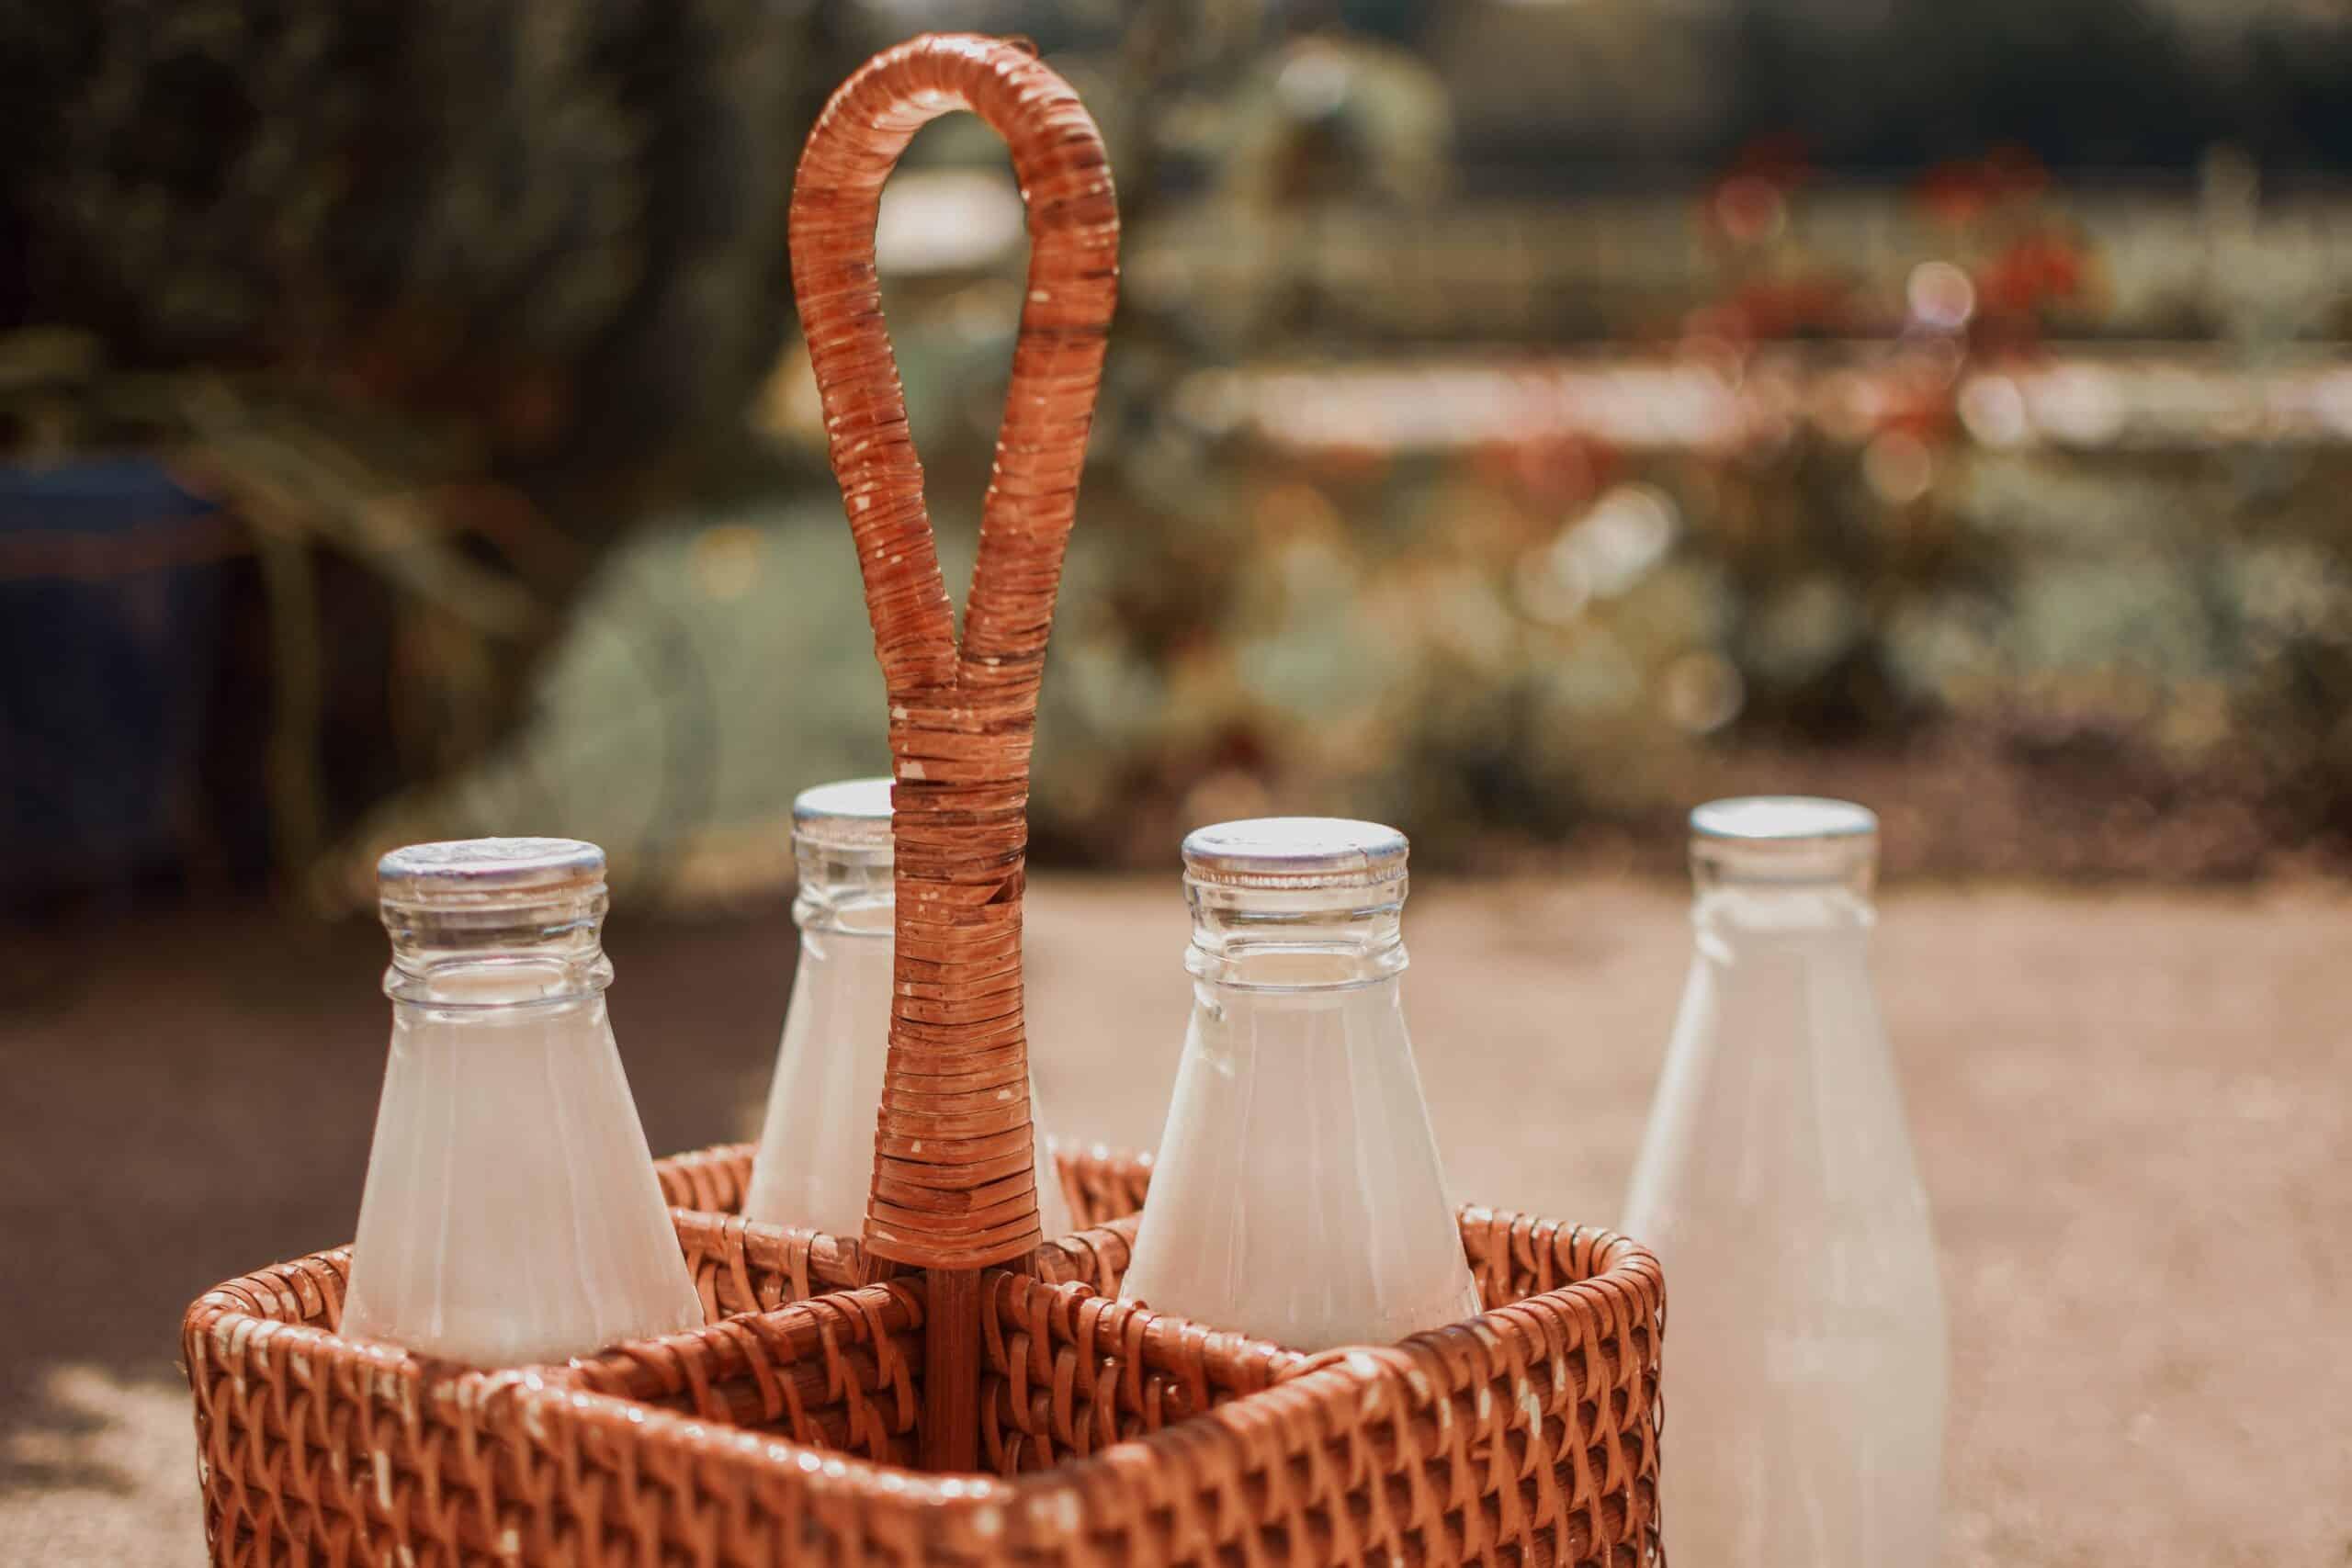 , Vuelven los lecheros, Botellas de vidrio entregadas puerta a puerta